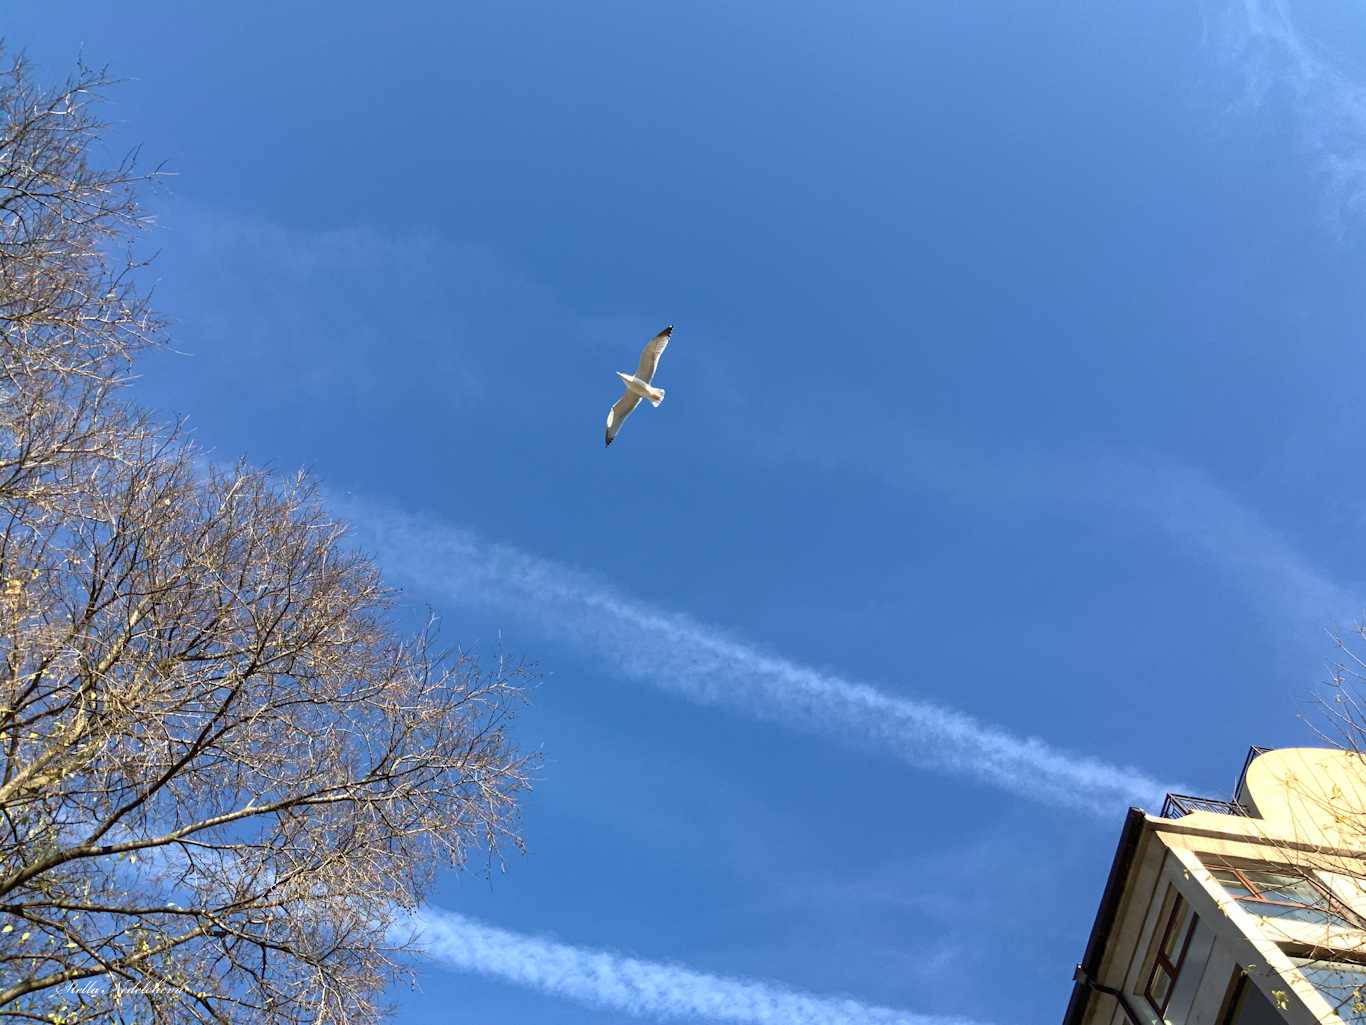 Vol d'un goéland dans le ciel